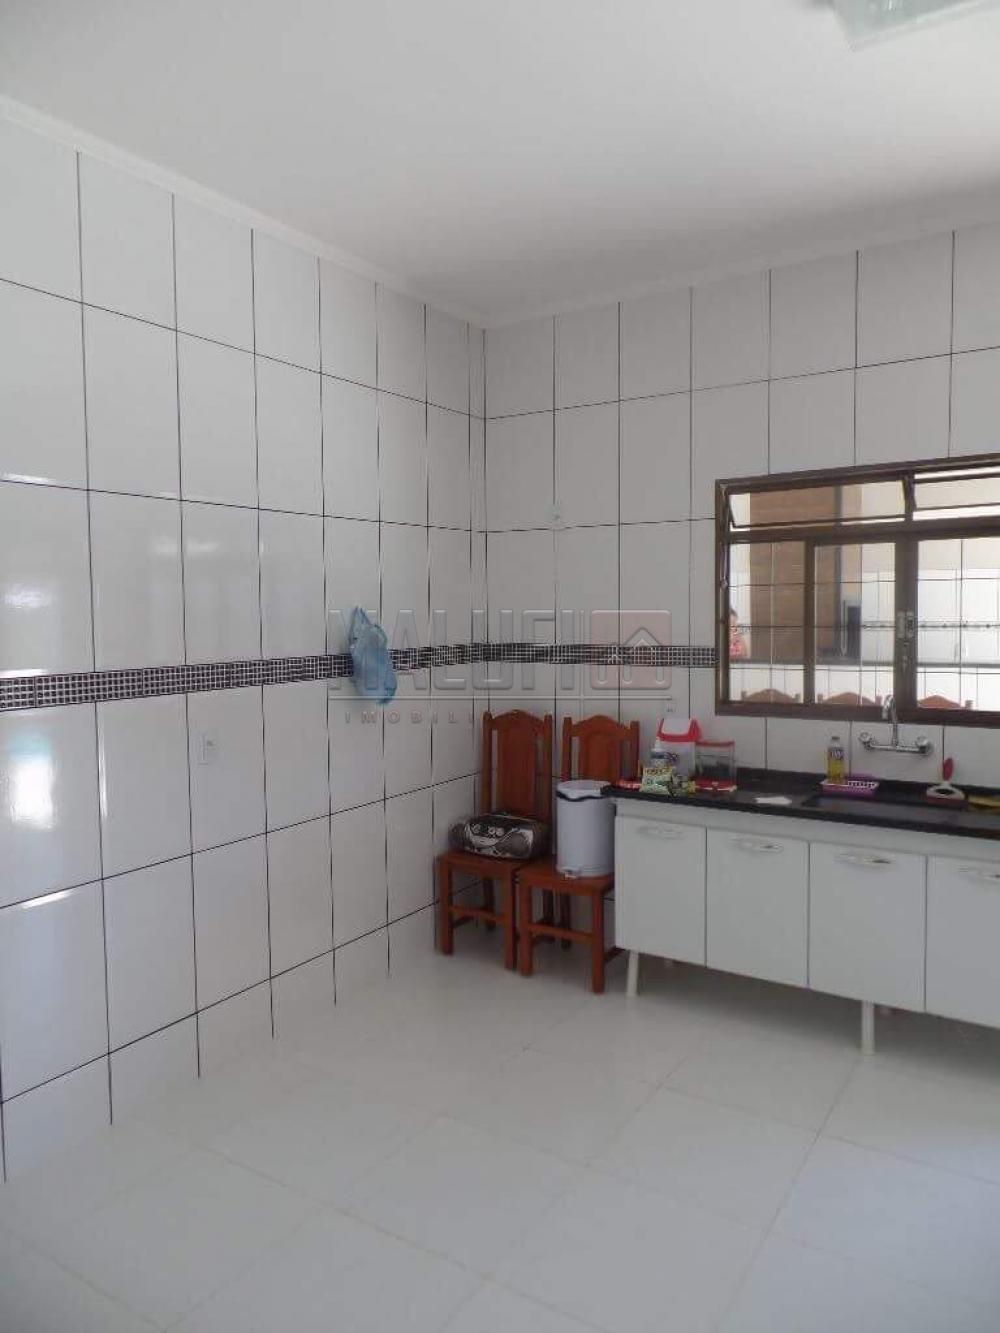 Alugar Casas / Padrão em Olímpia apenas R$ 1.700,00 - Foto 6